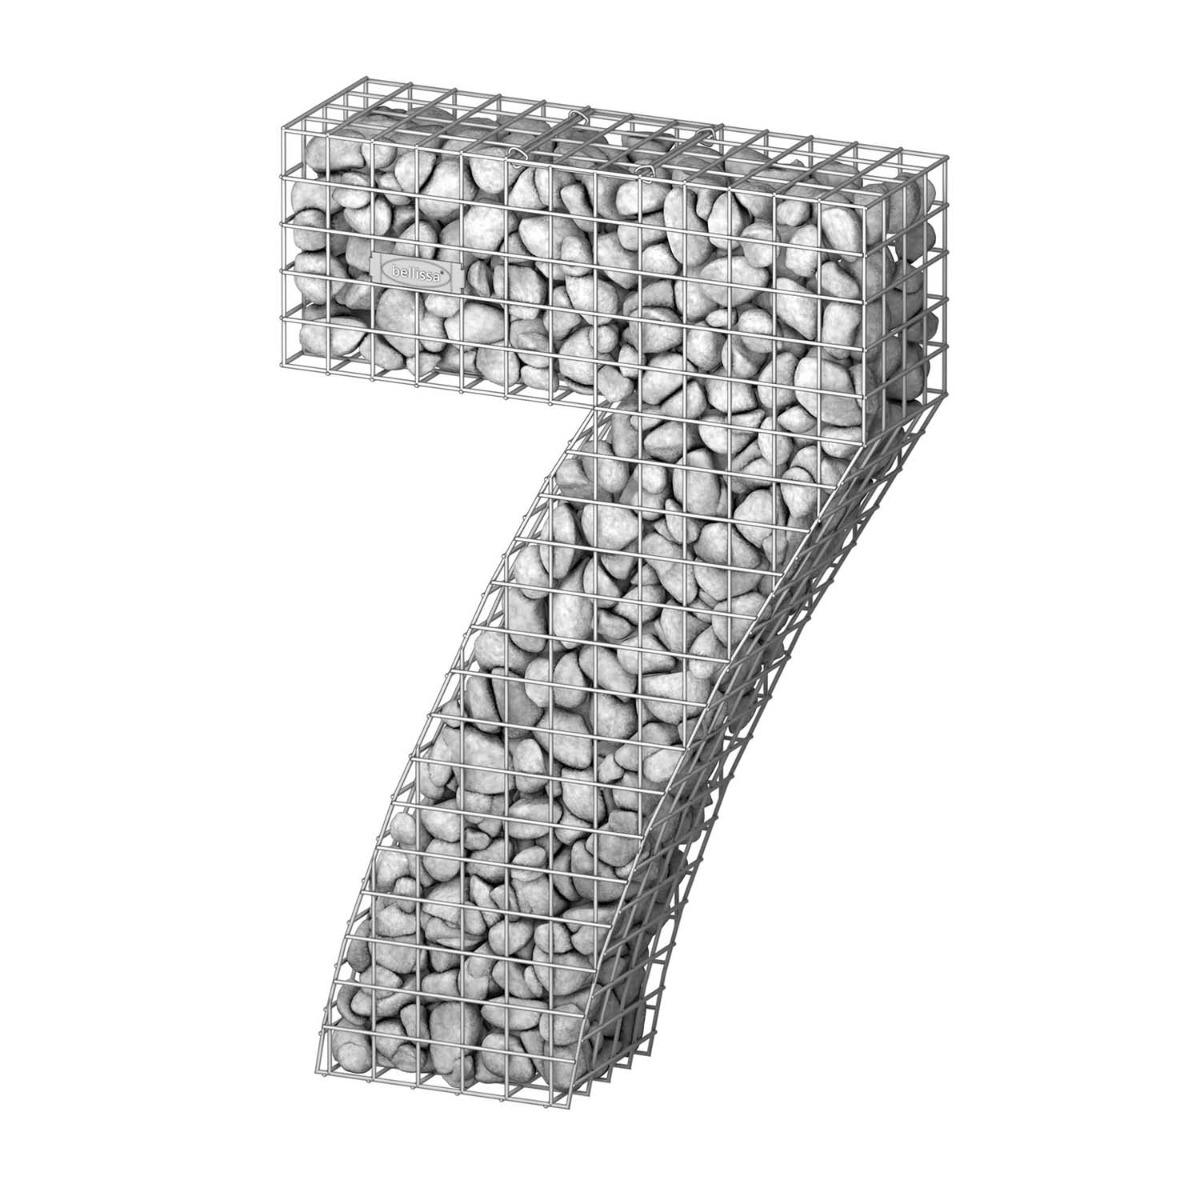 Gabionen cijfers 0, 1, 2, 3, 4, 5, 6, 7, 8, 9